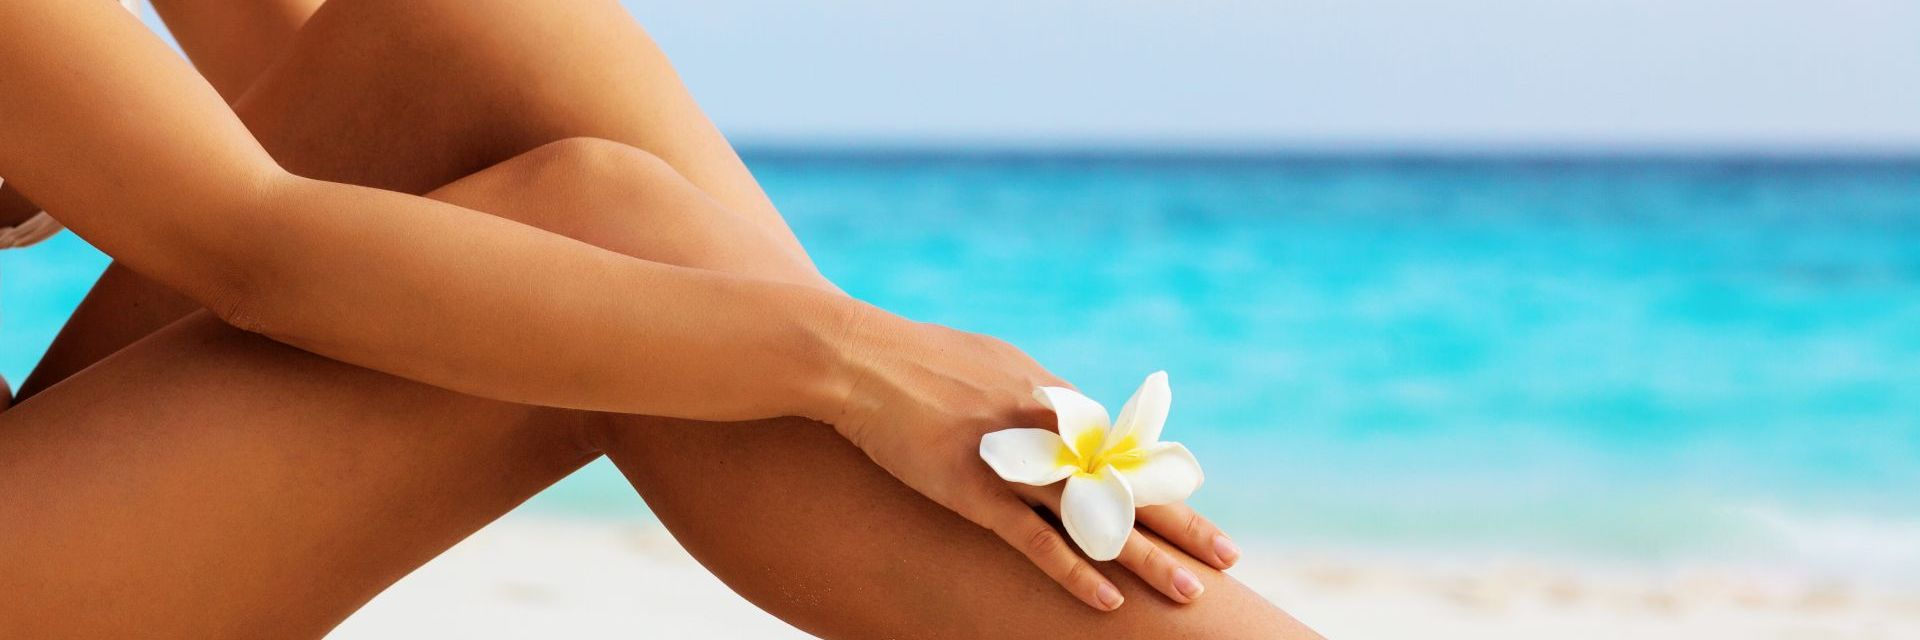 Frau am Strand mit Blume am Finger